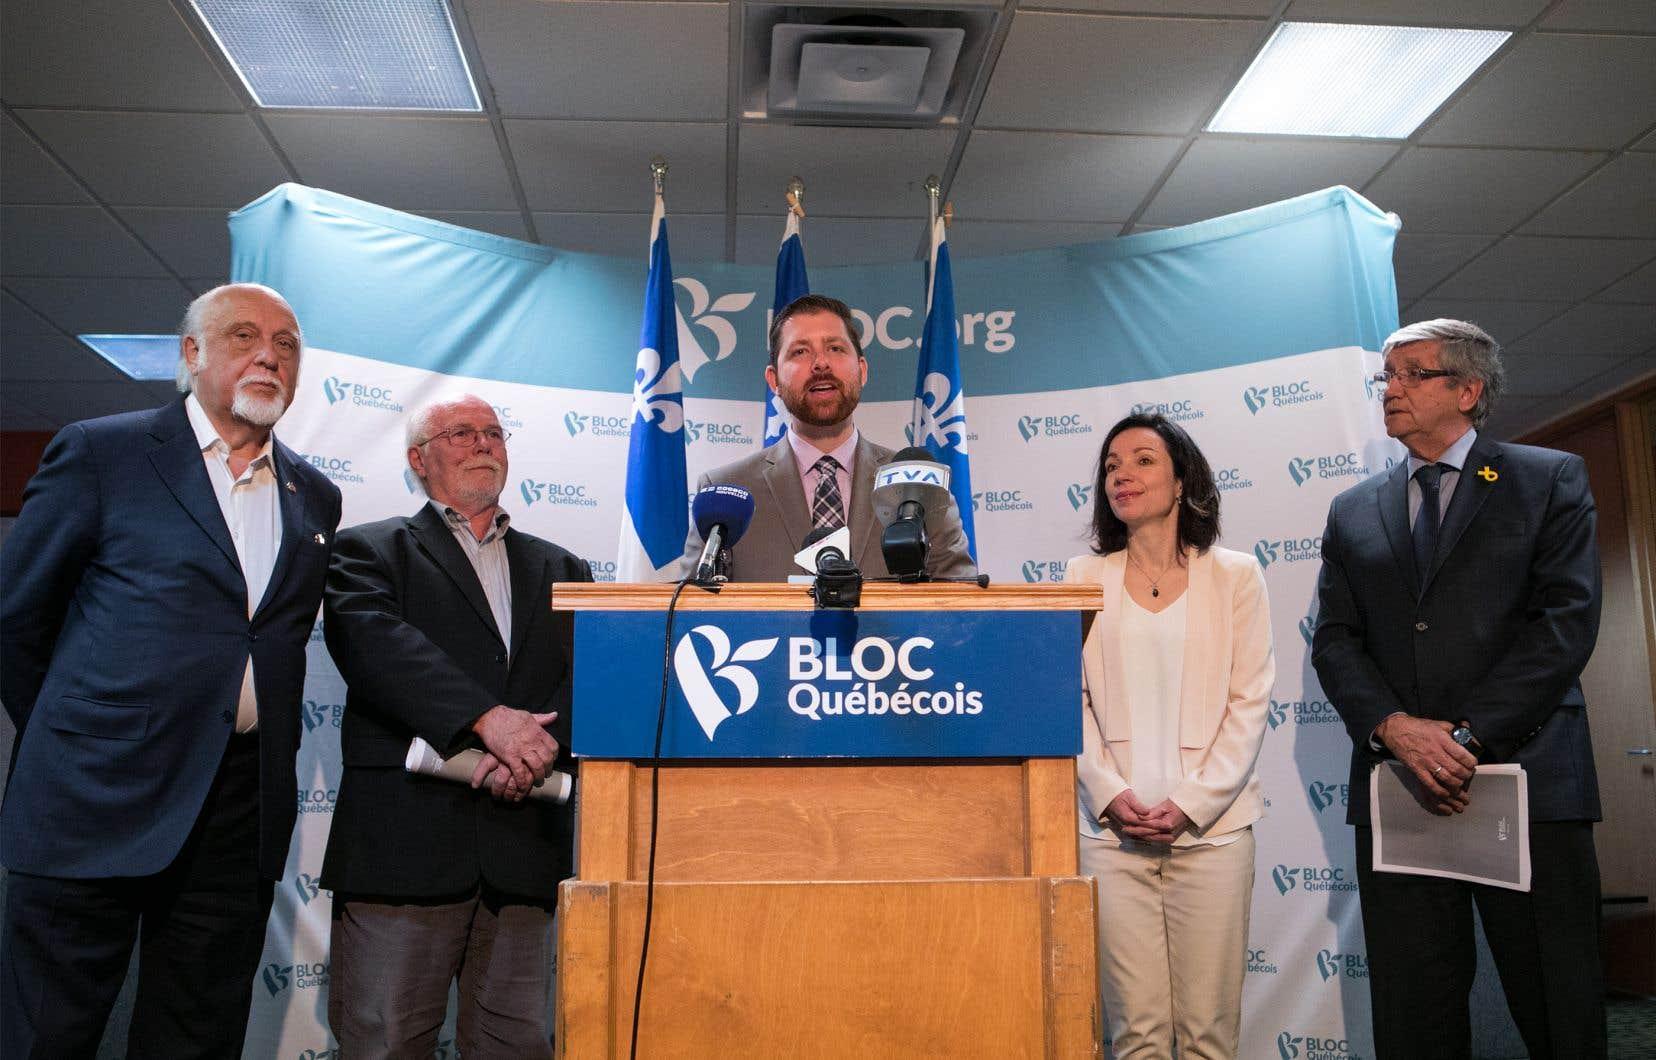 Gilbert Paquette, Alain Marginean, Xavier Barsalou-Duval, député fédéral de Pierre-Boucher–Les Patriotes–Verchères, Martine Ouellet et Denis Monière lors d'un point de presse du Bloc québécois.